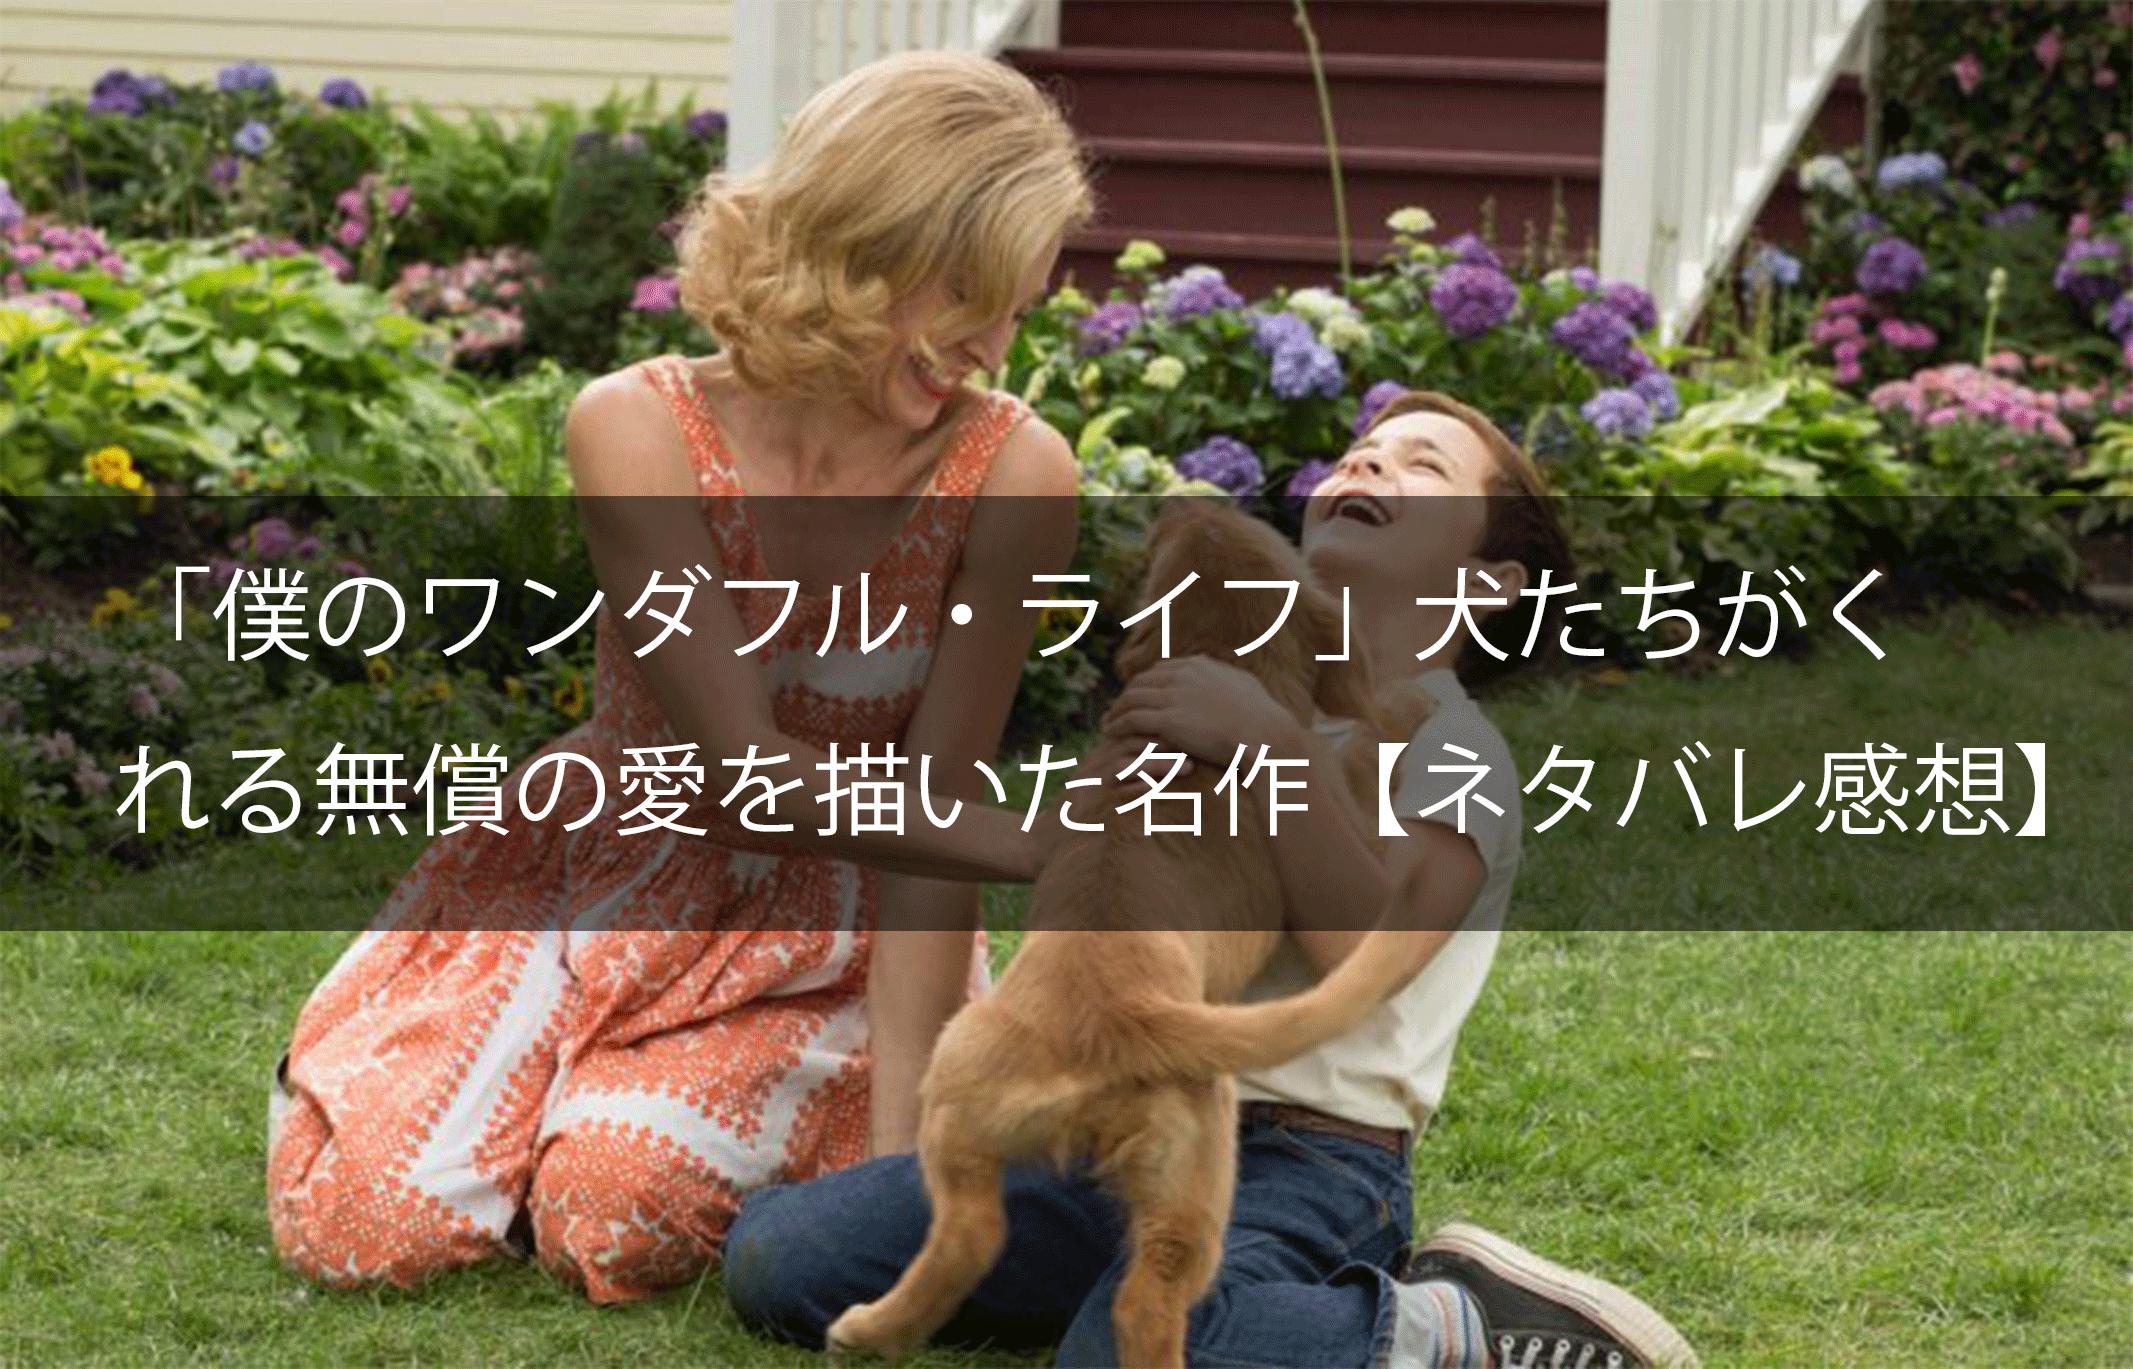 映画『僕のワンダフル・ライフ』あらすじから結末ネタバレ解説&感想評価